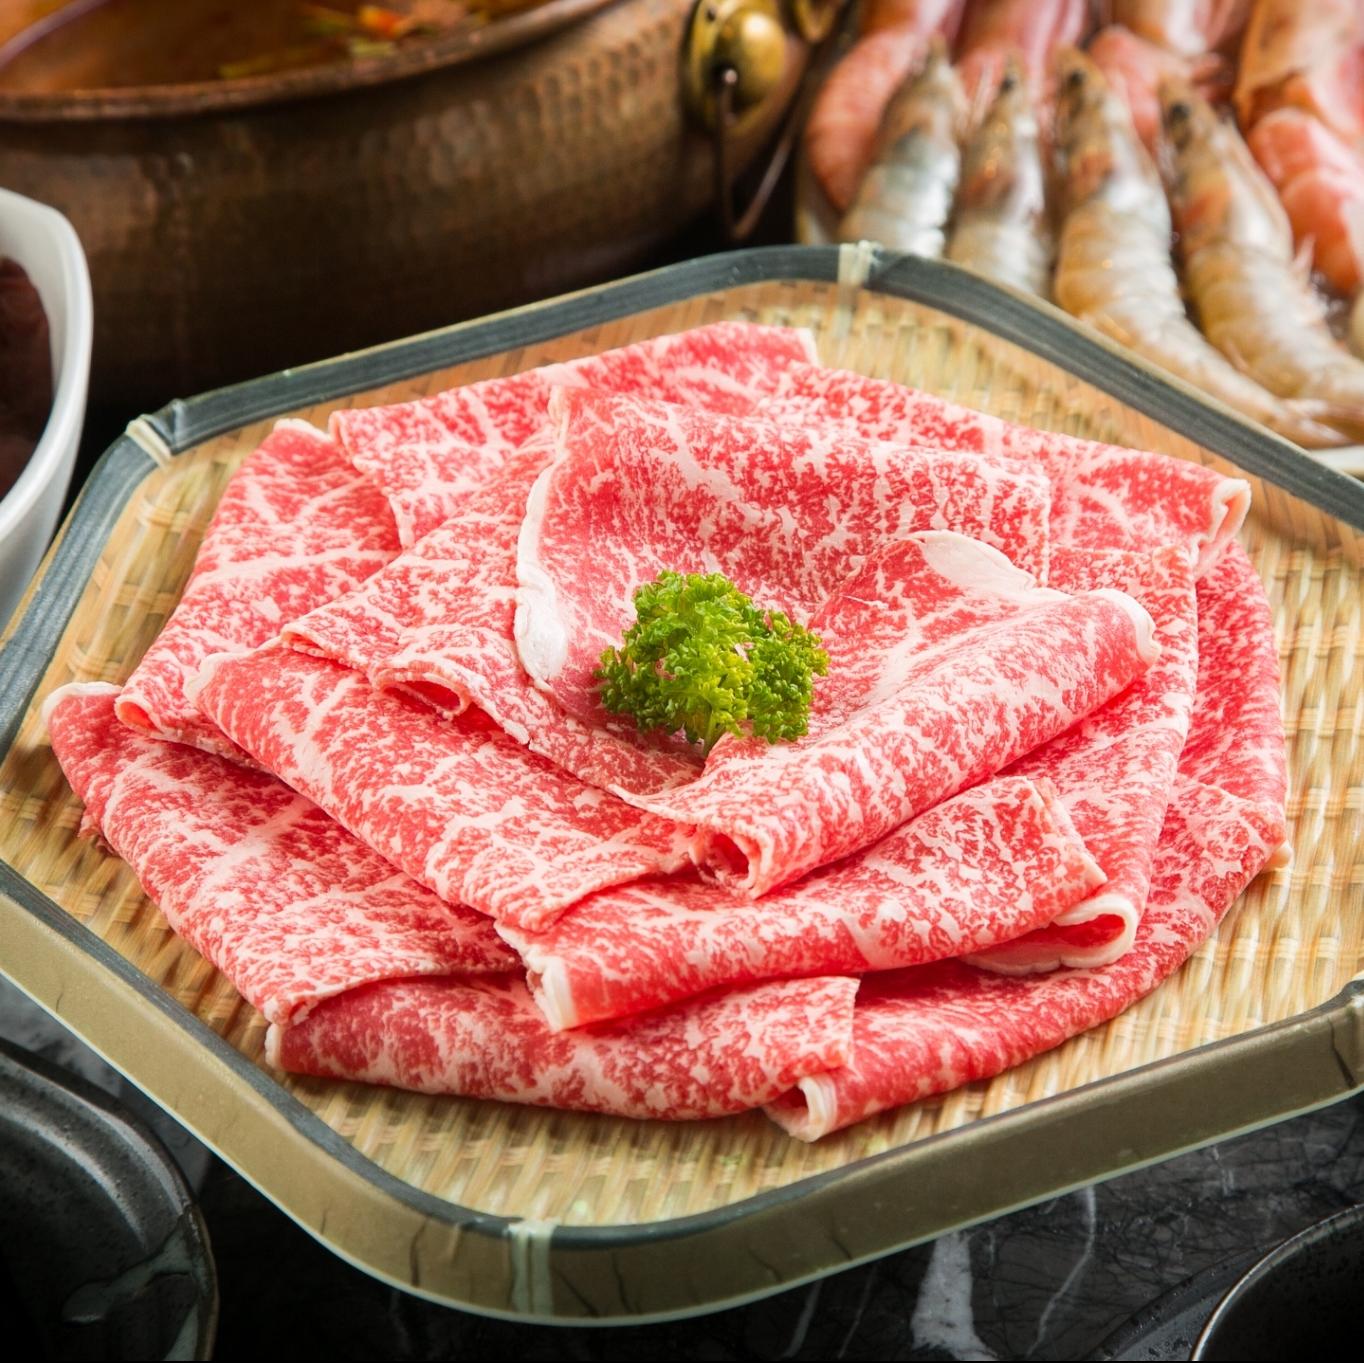 千元品嚐三大和牛-近江牛!鍋物品牌「Beef King」推出「日本頂級 A5 和牛雙人套餐」